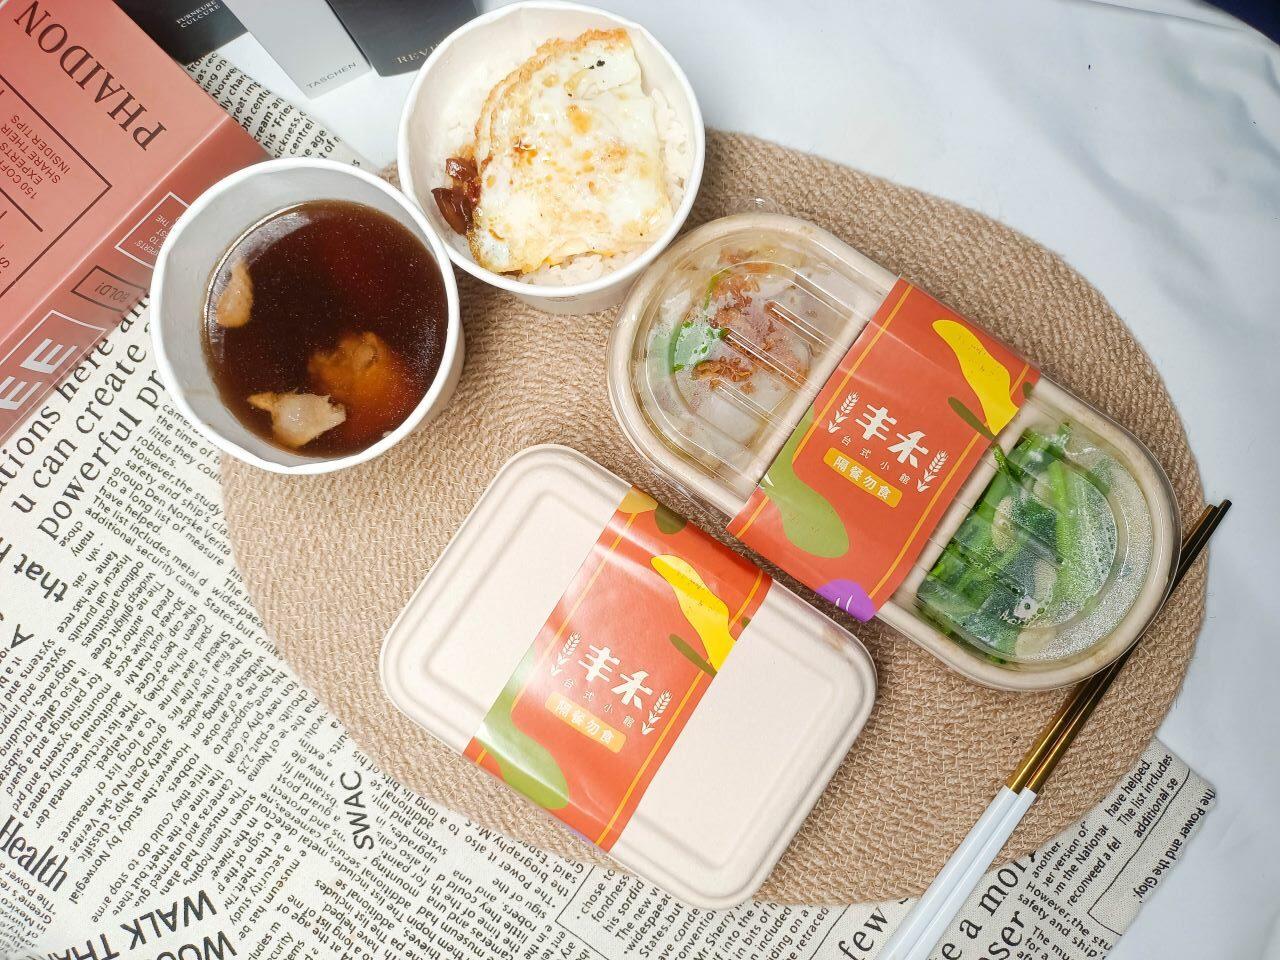 (板橋美食)王品集團創新台式小餐館個人套餐從湯品到主食還有古早味甜點一套199元-丰禾台式小館板橋環球店 @Nancy將的生活筆計本